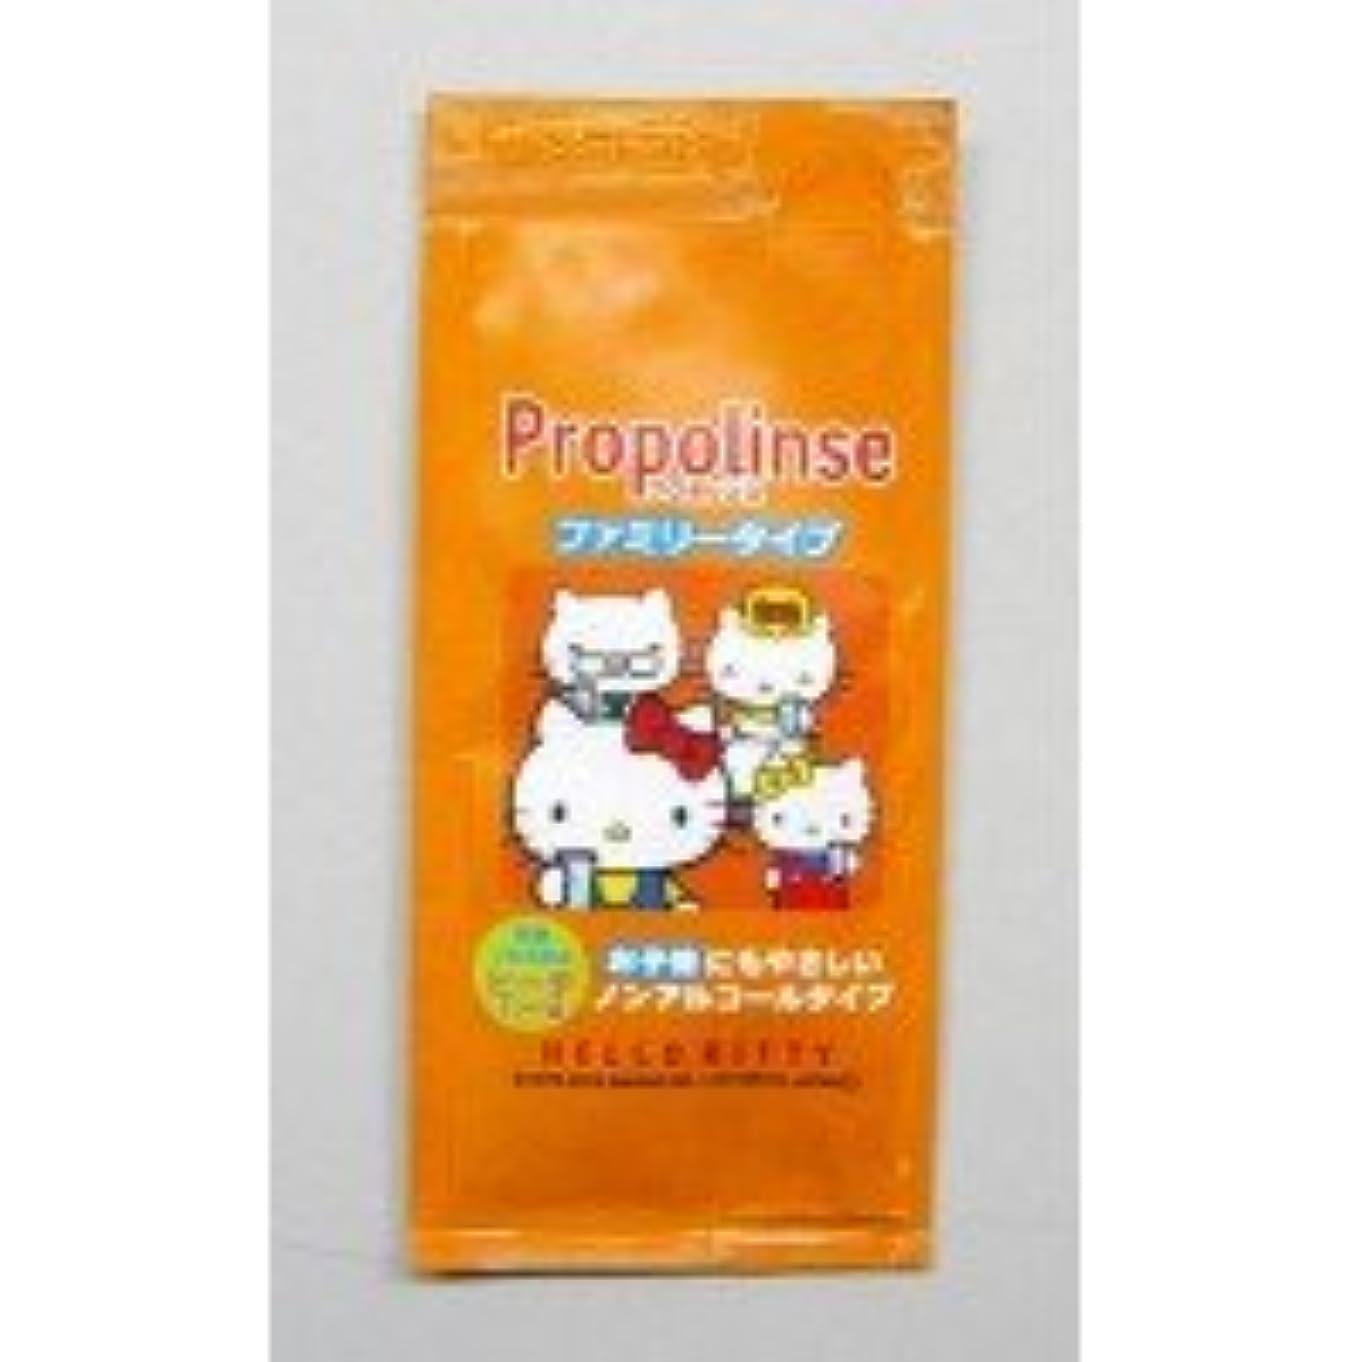 毒海里ジャンクションプロポリンスファミリータイプ 12ml(1袋)×100袋